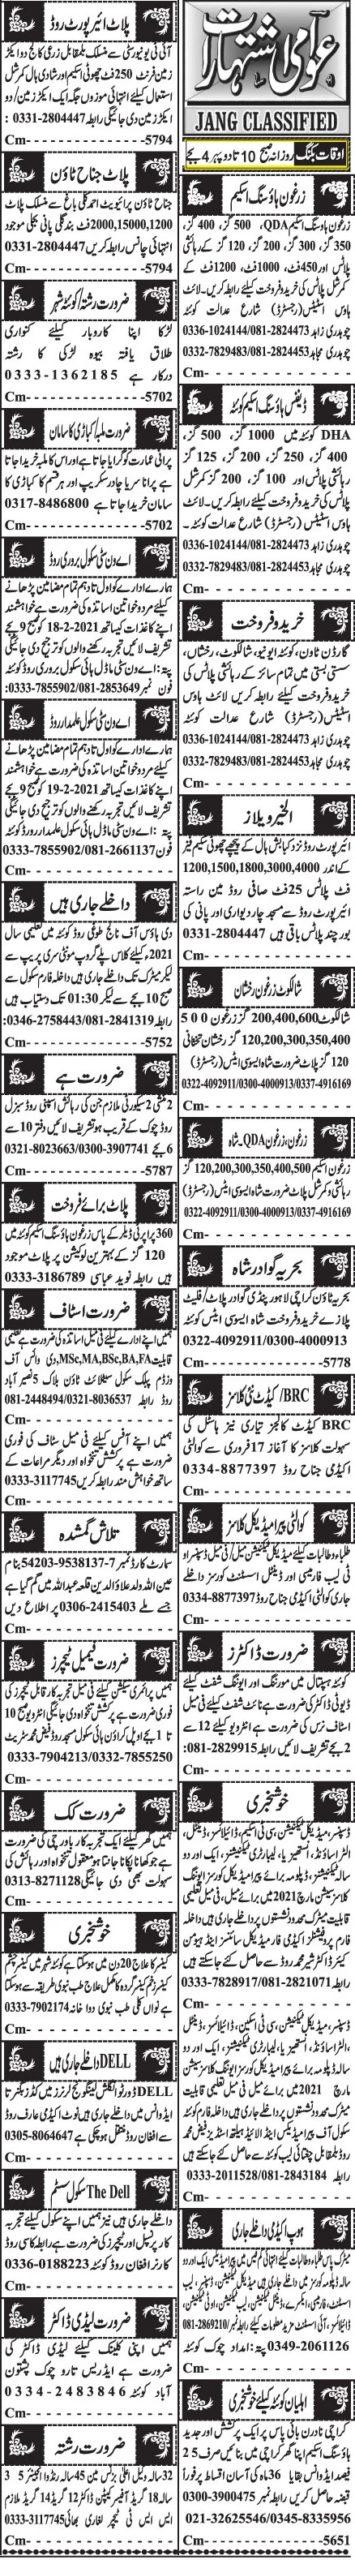 Quetta Jang Newspaper Classifieds Jobs 2021 Advertisement Latest - Educativz